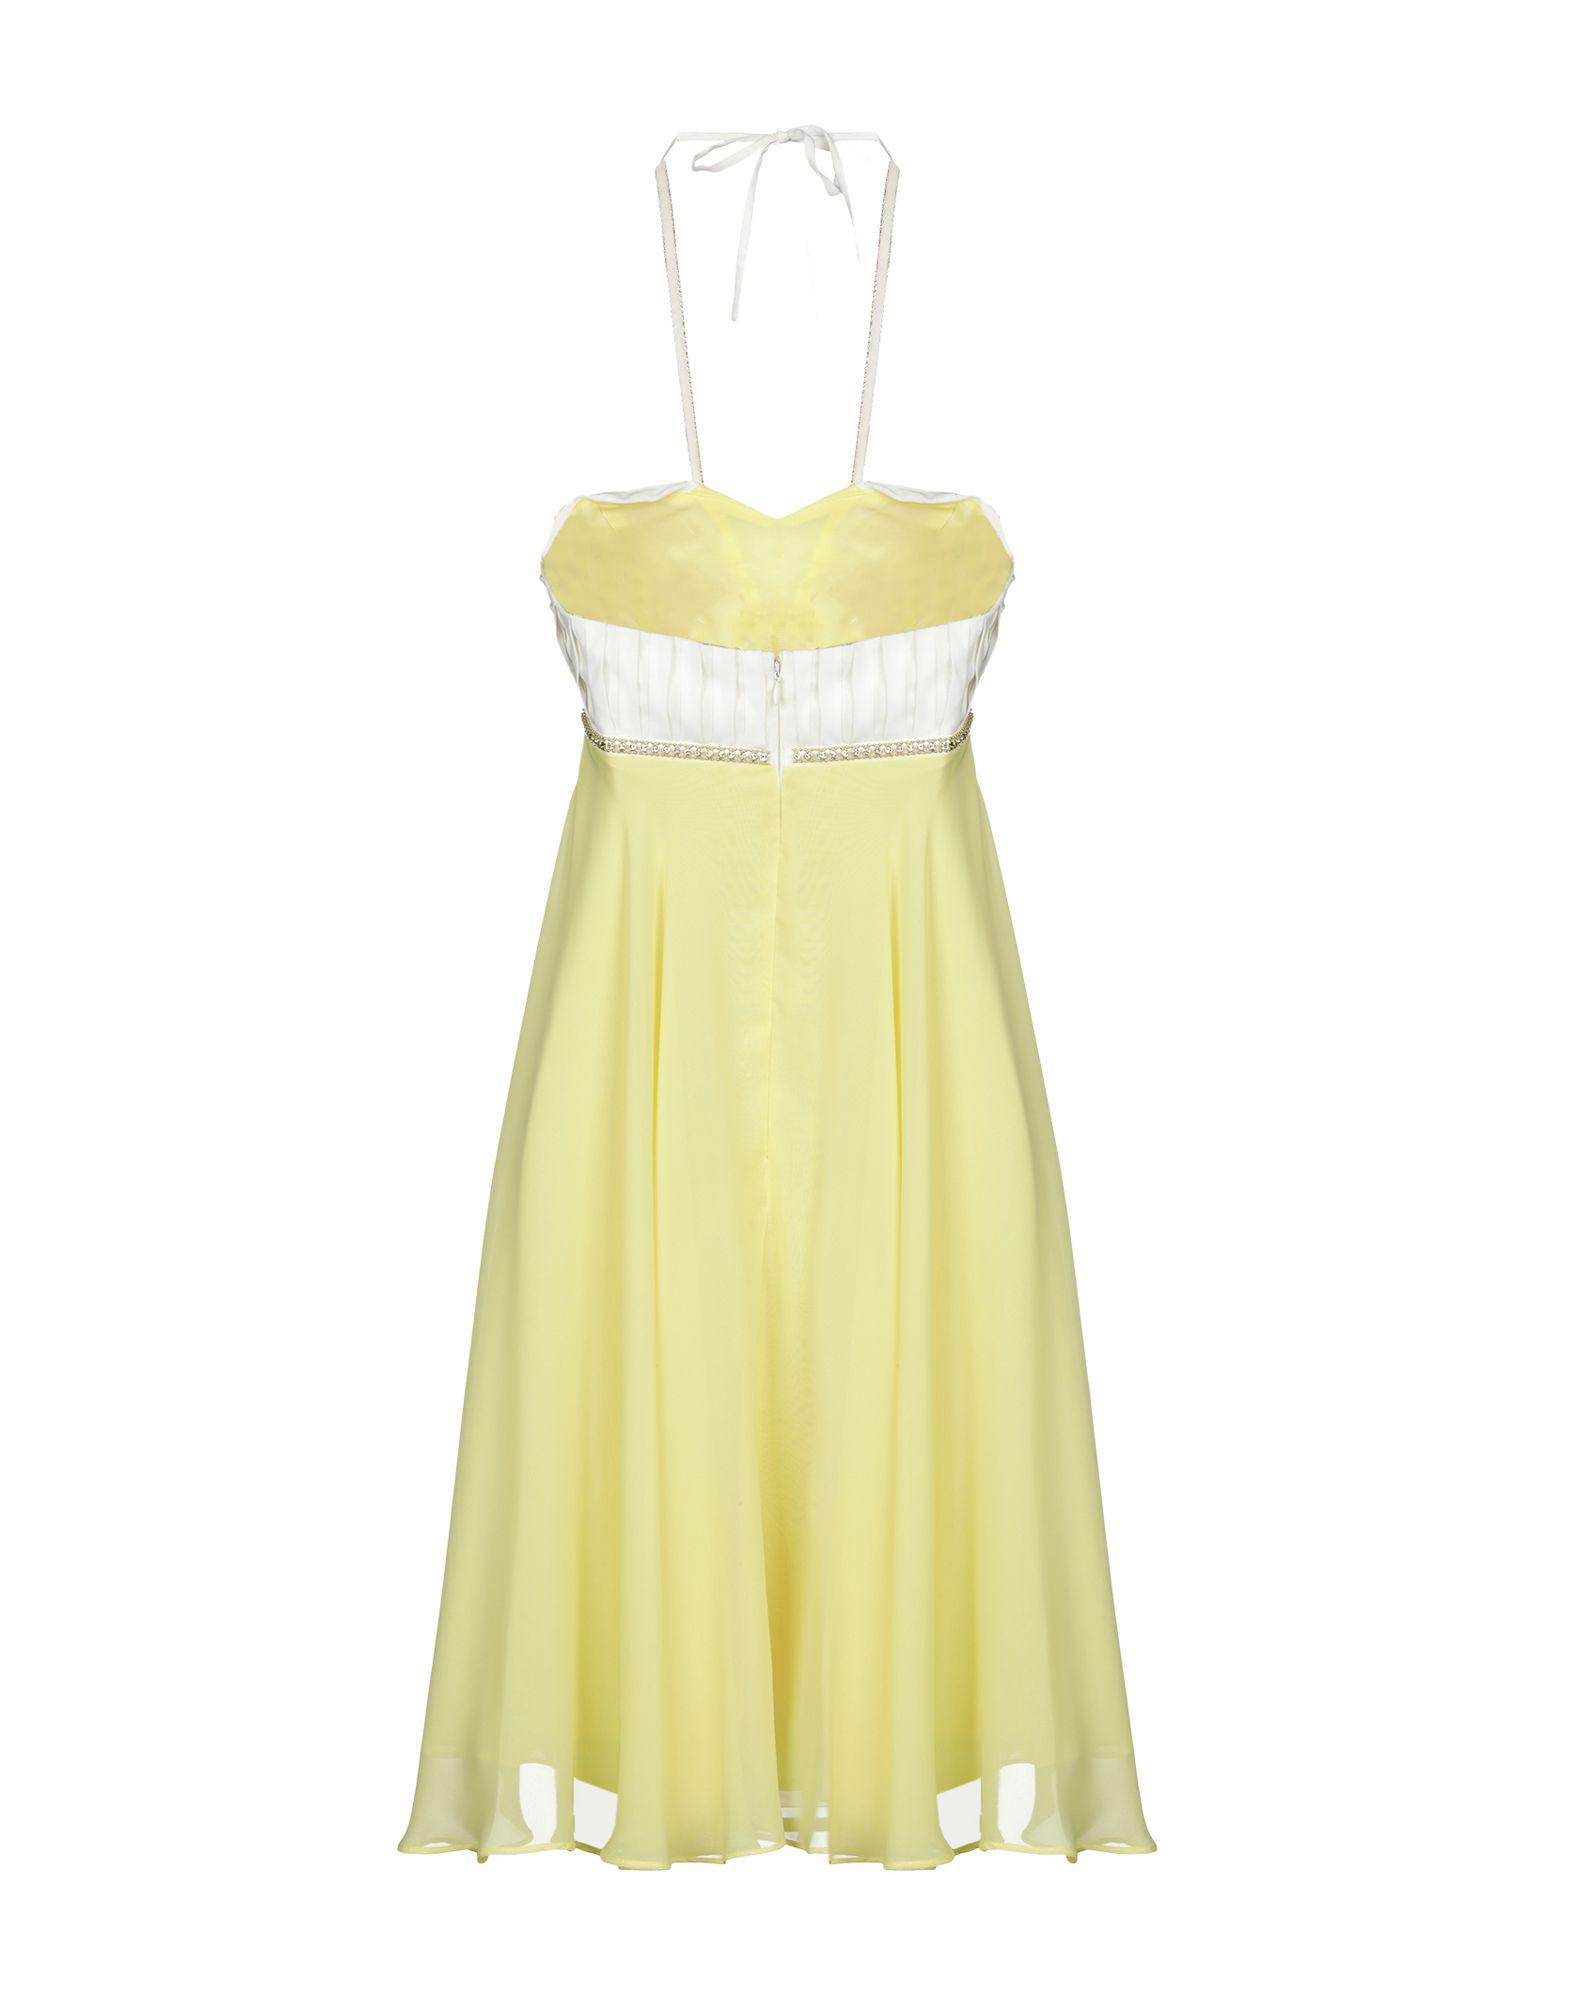 Lyst - Rocco Barocco Short Dress in Yellow bd36f6bc9ff